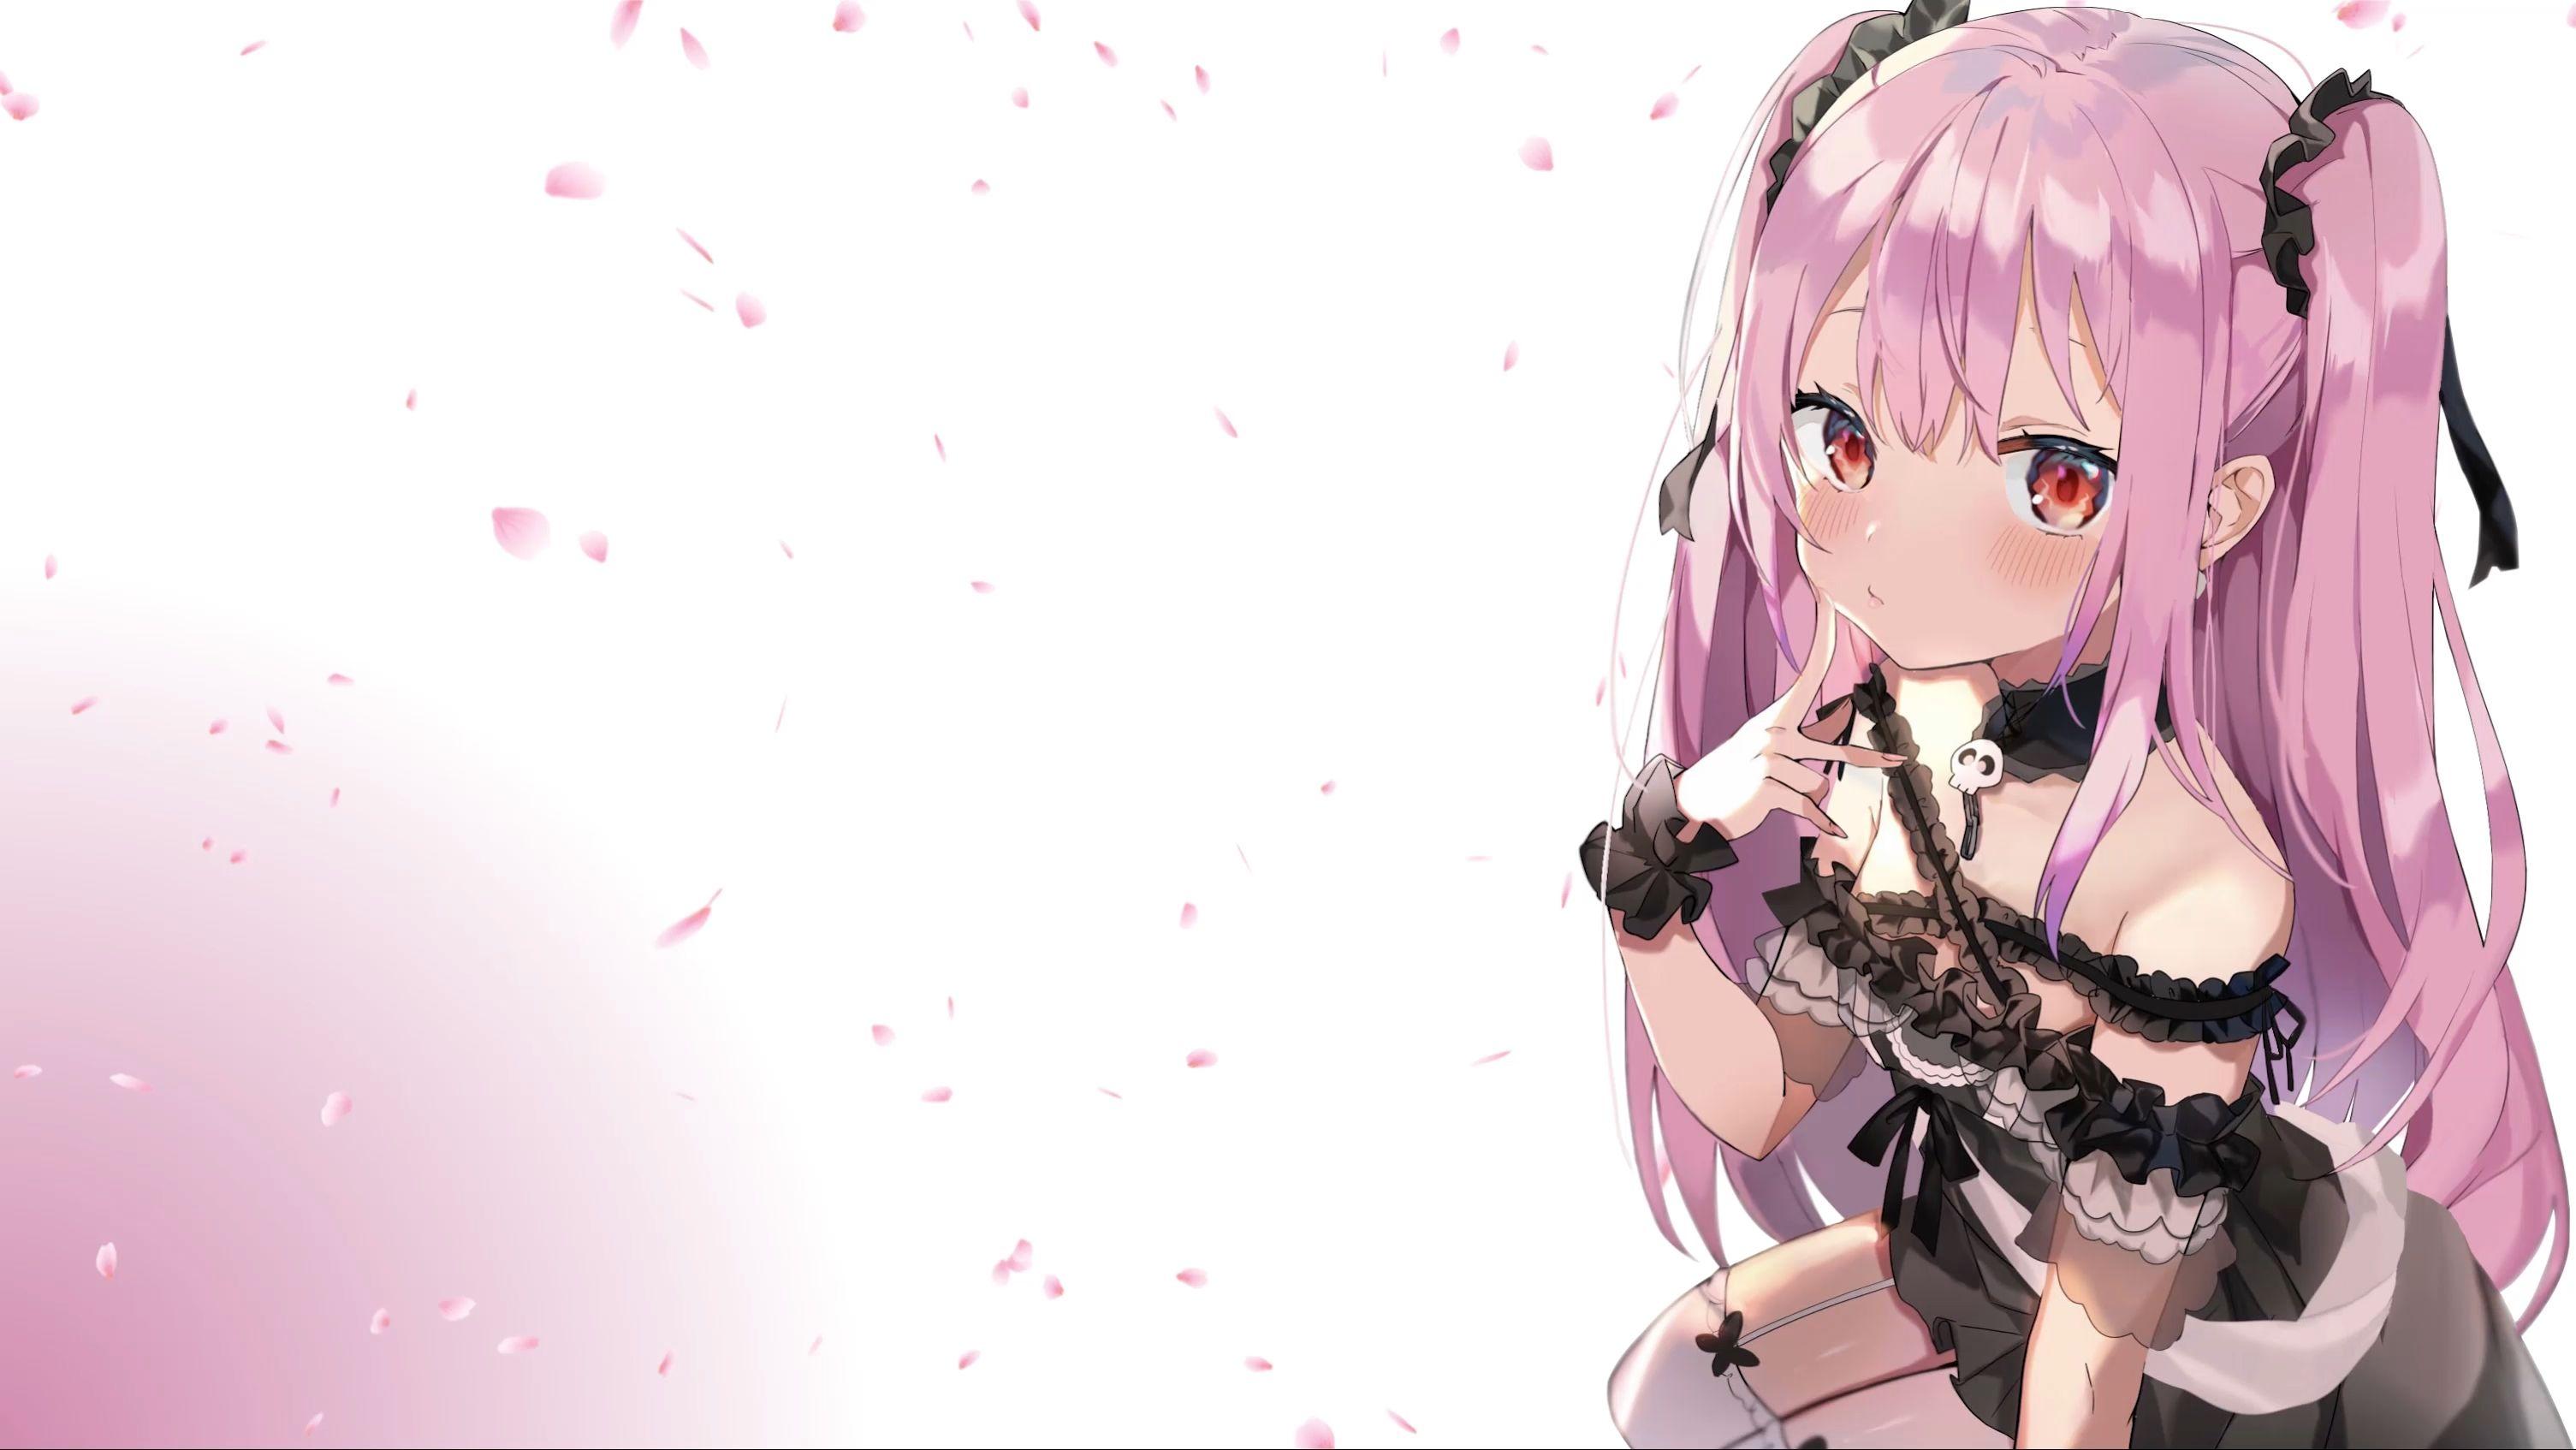 Vtuber Uruha Rushia 2k Wallpaper Engine Anime Wallpaper Anime Wallpaper Size Cute anime wallpaper engine